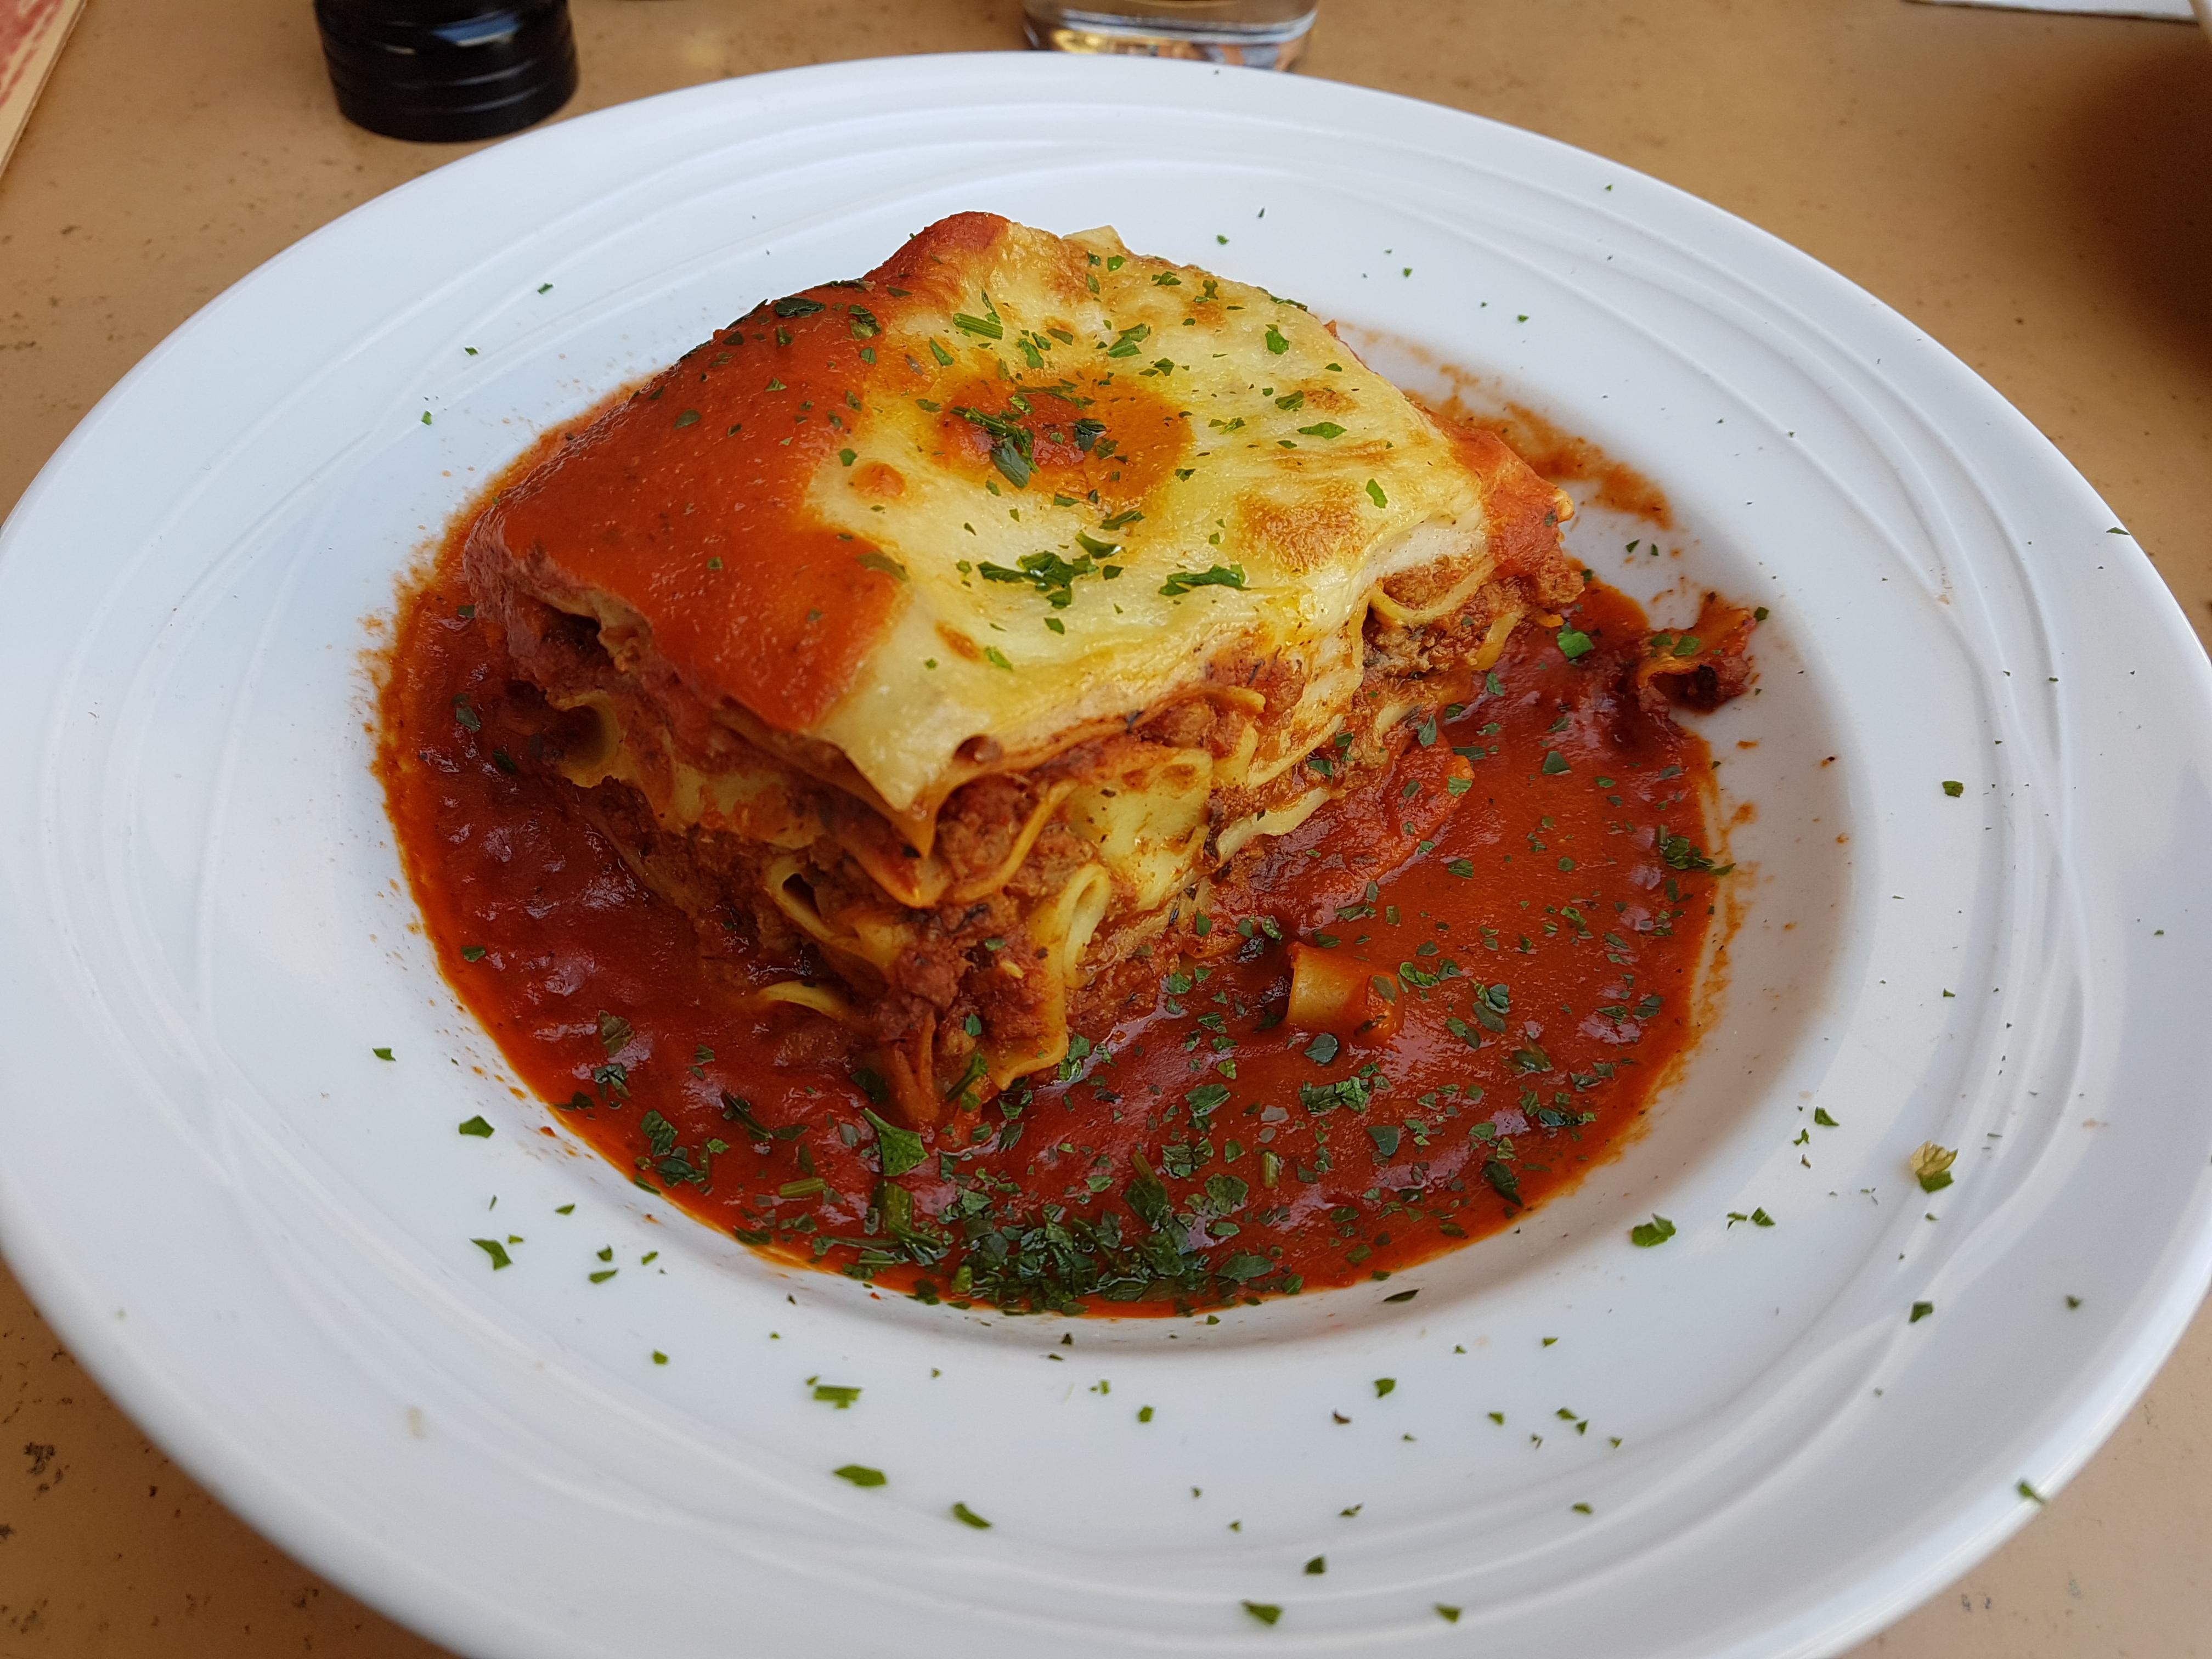 https://foodloader.net/Holz_2019-03-25_Lasagne.jpg